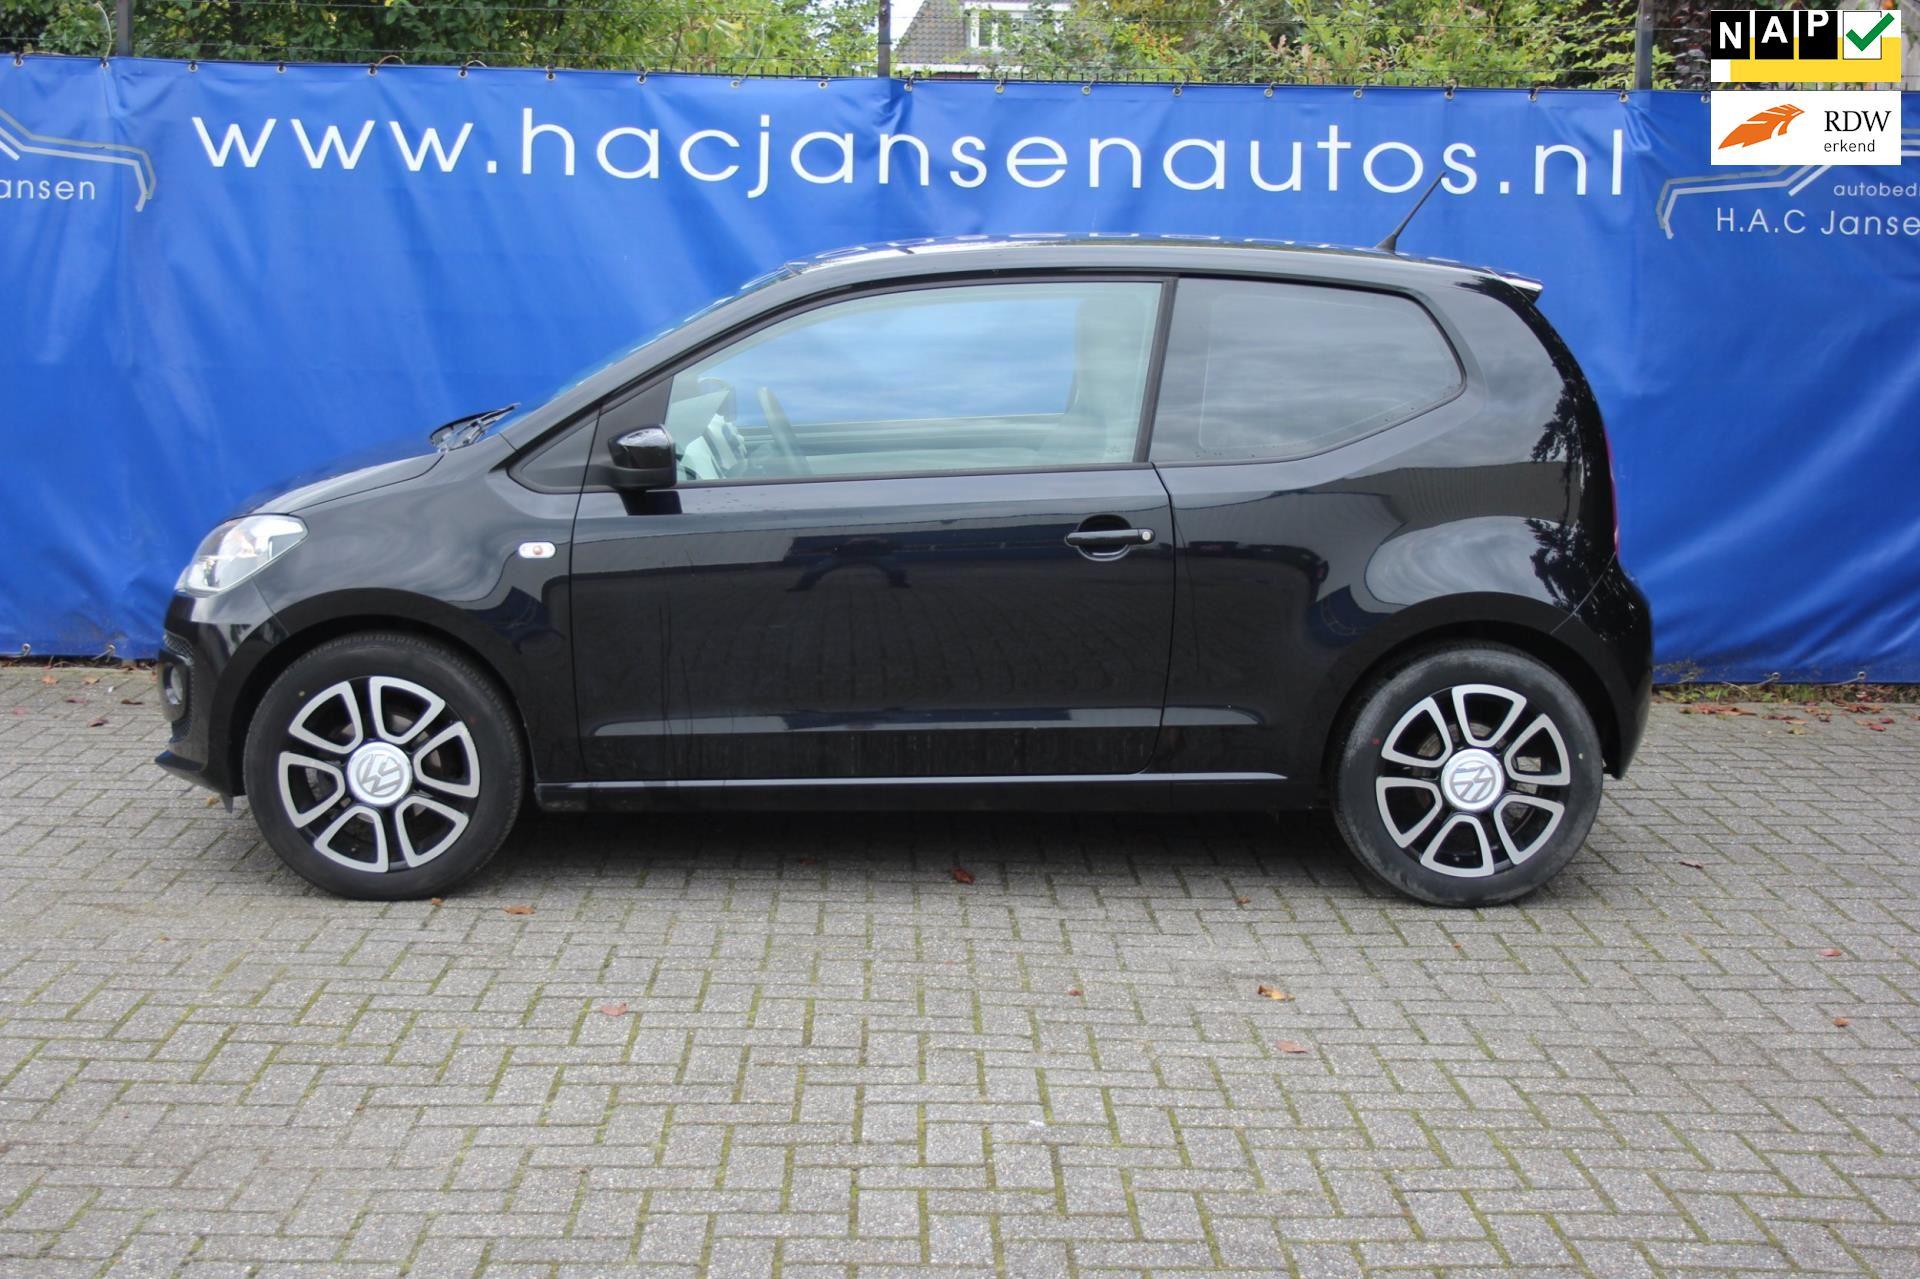 Volkswagen Up occasion - Autobedr. VOF HAC Jansen